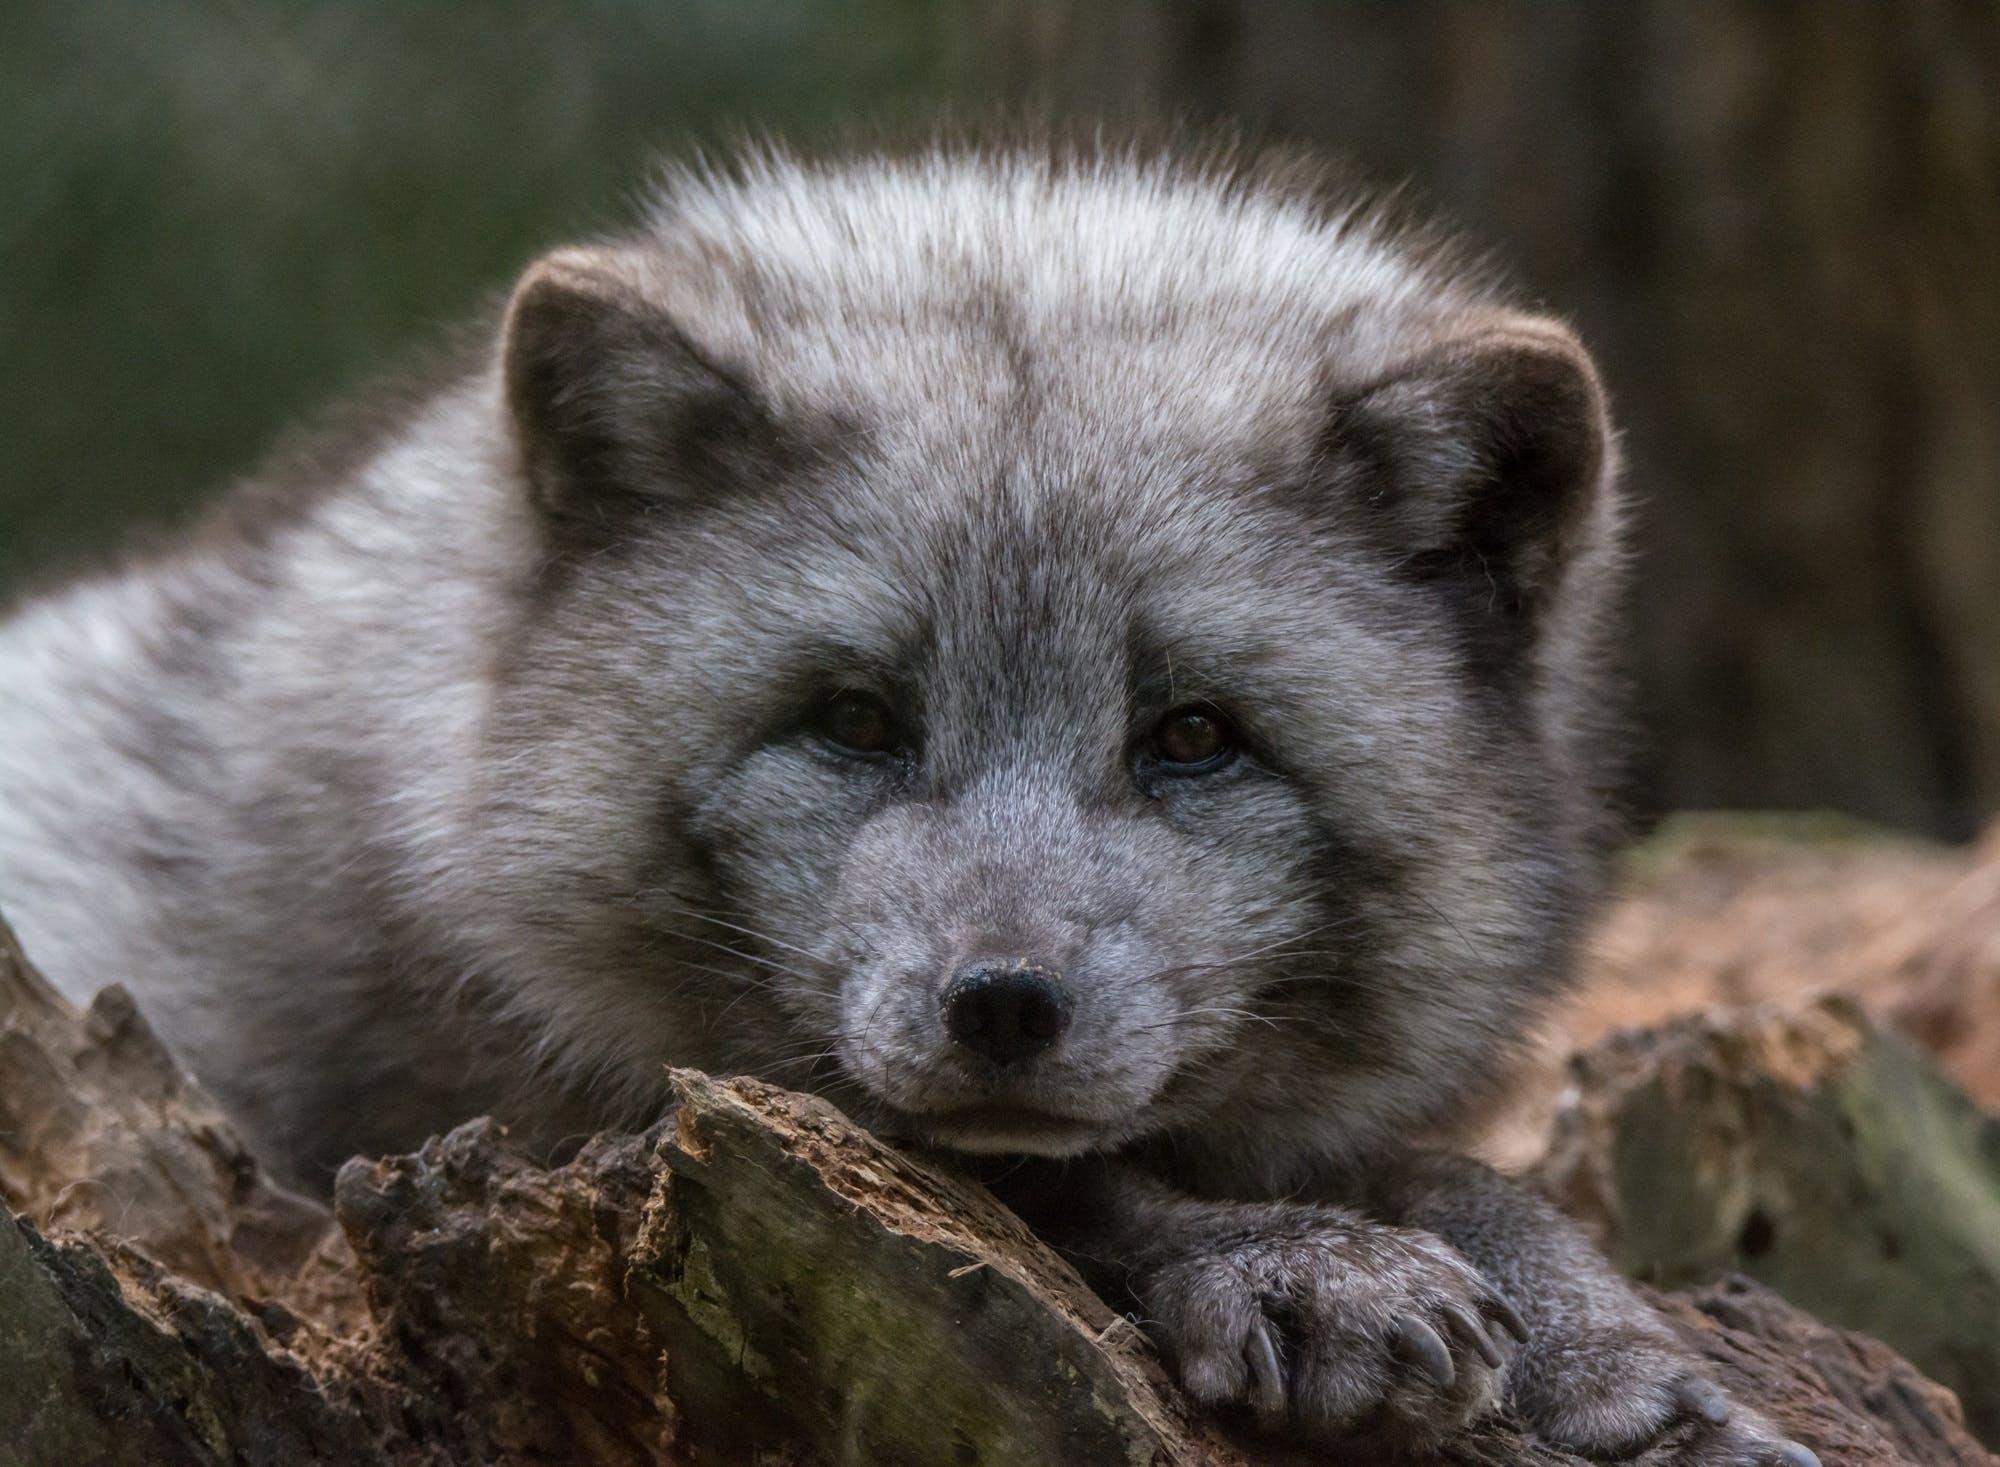 Free stock photo of animal, cute, fur, wildlife